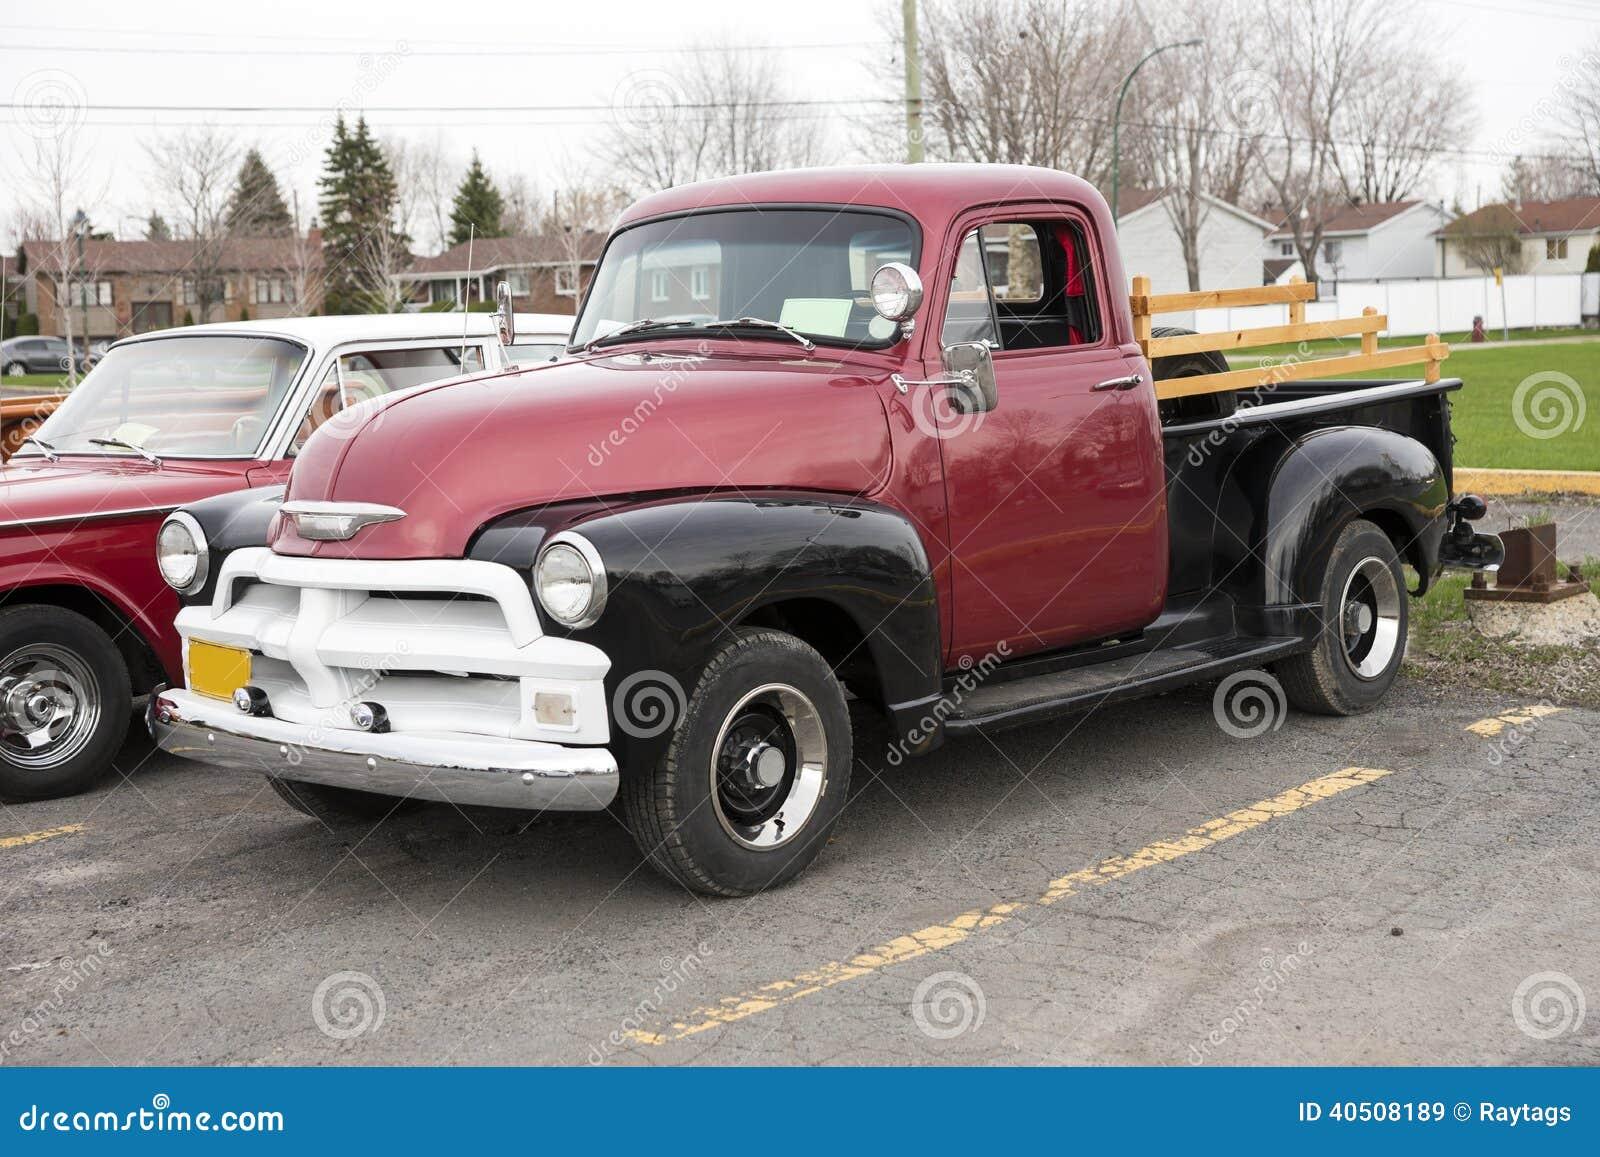 vieille camionnette de livraison image stock image du r tro noir 40508189. Black Bedroom Furniture Sets. Home Design Ideas